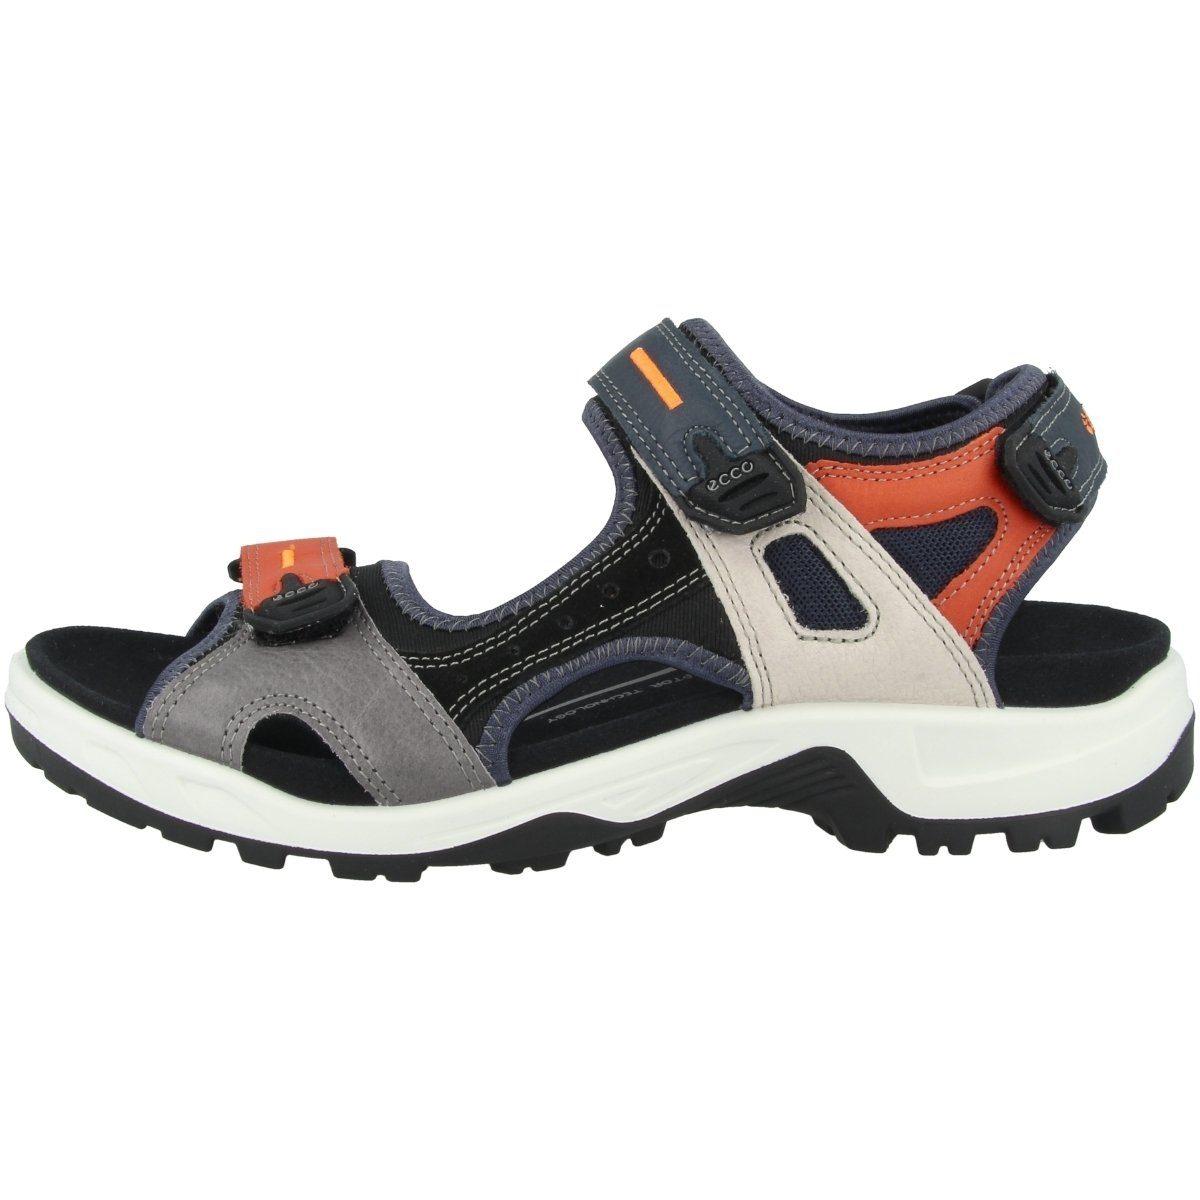 Ecco »Offroad Yucatan M« Sandale, RECEPTOR® Technologie sorgt für maximalen Laufkomfort online kaufen | OTTO